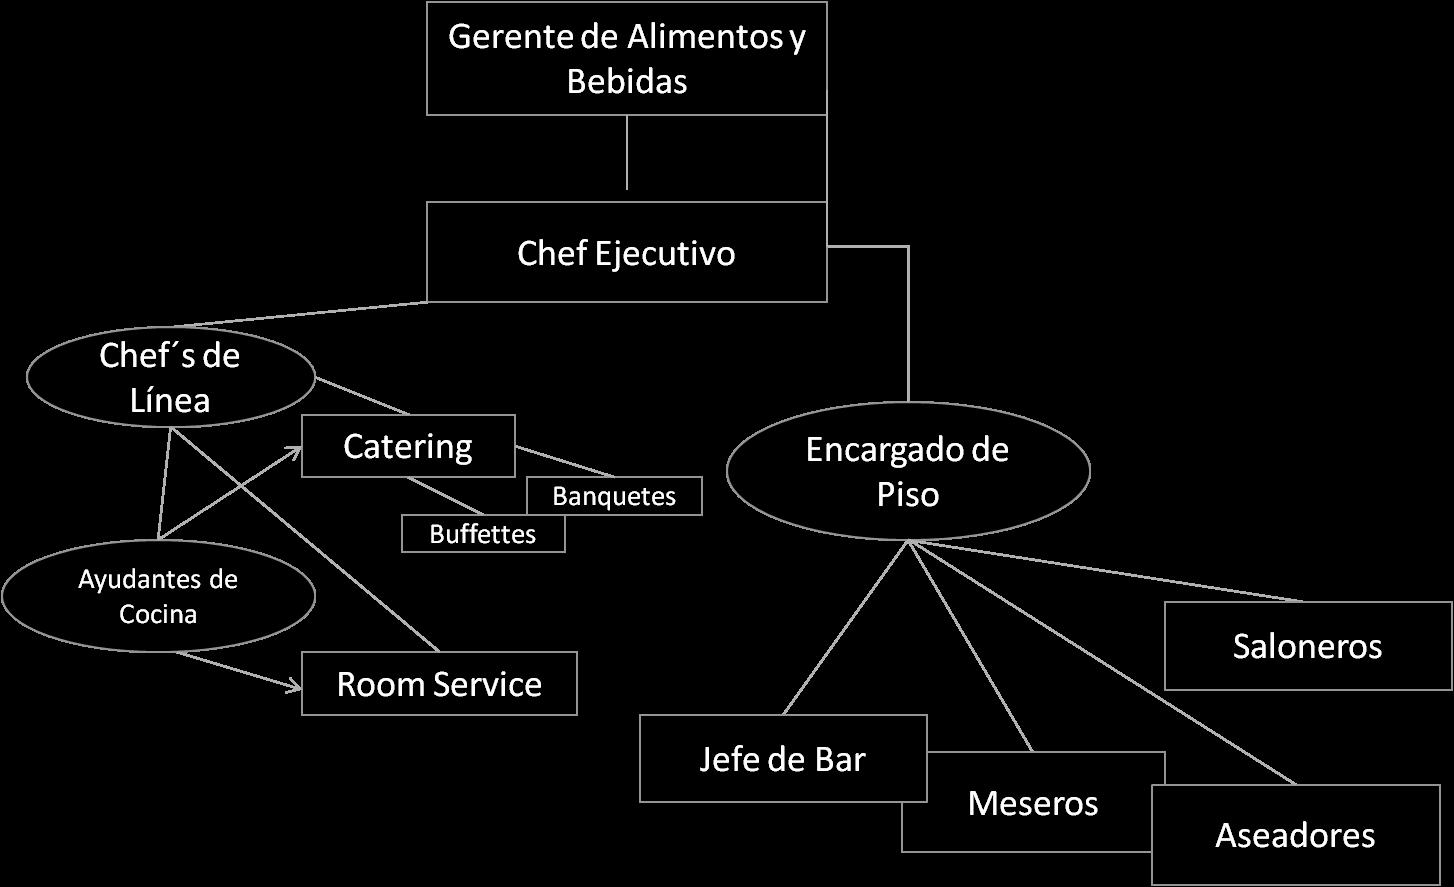 El papel que juega el negocio hotelero en el turismo como Areas de la cocina y sus funciones